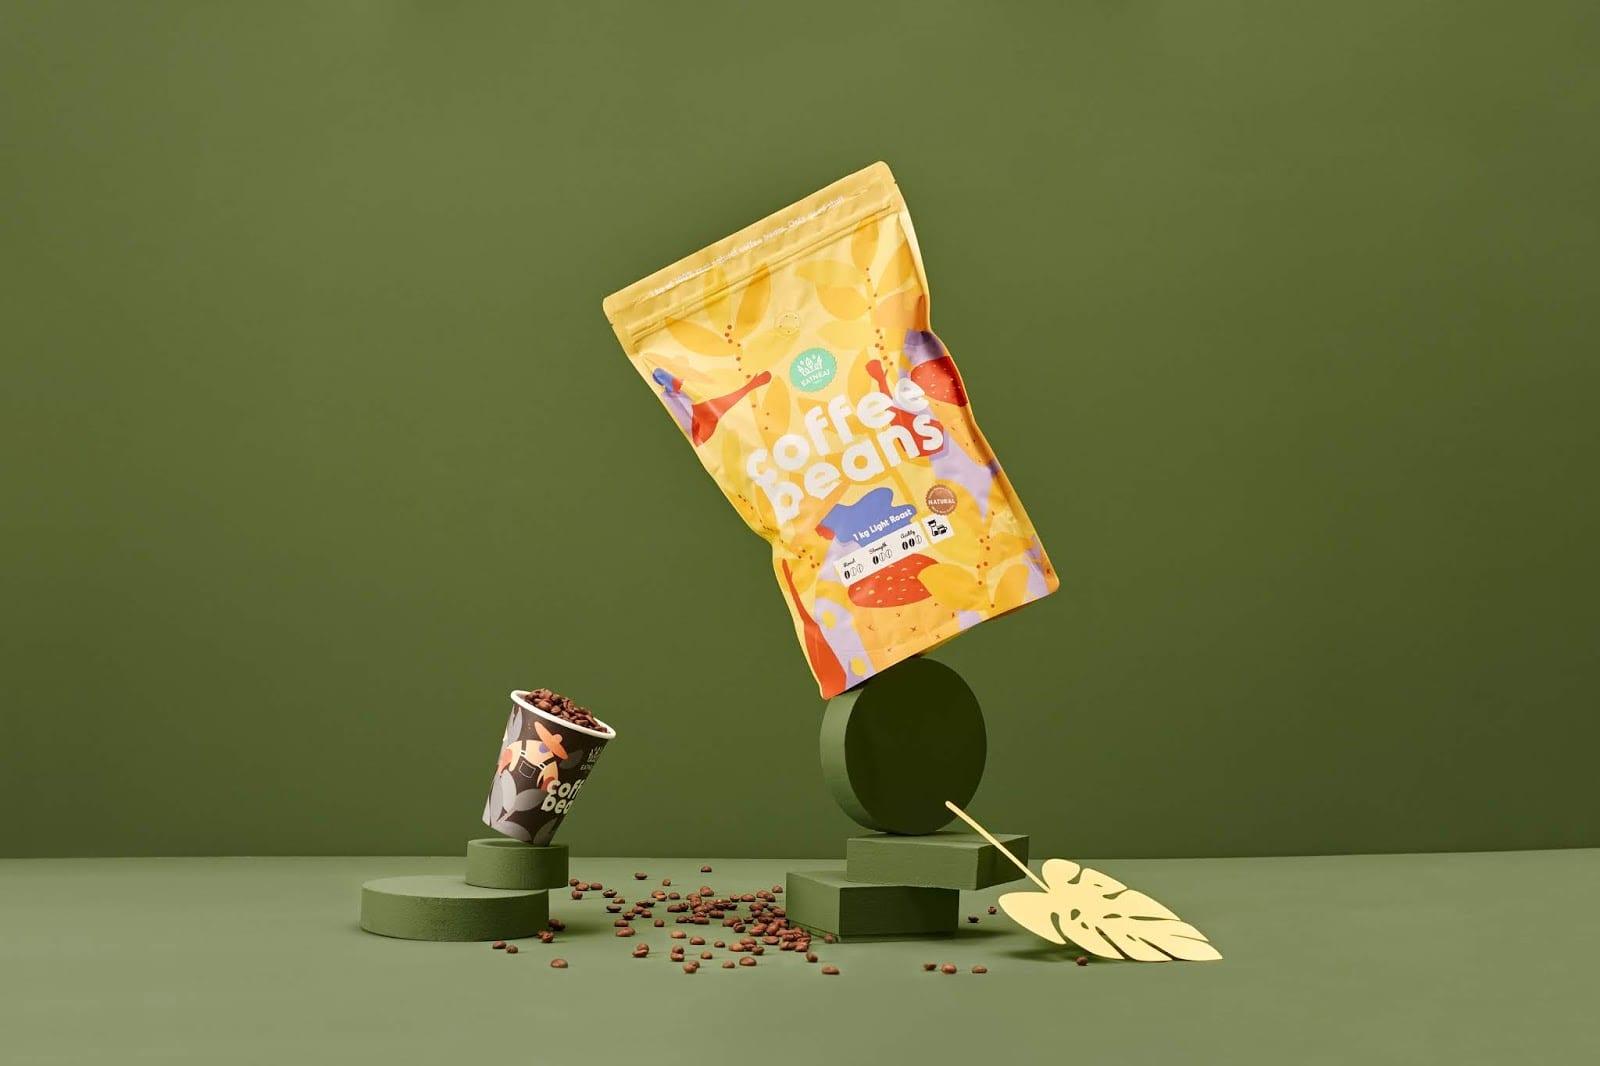 coffeebeans8 - Coffee Beans je nová značka kávy s hravým obalem